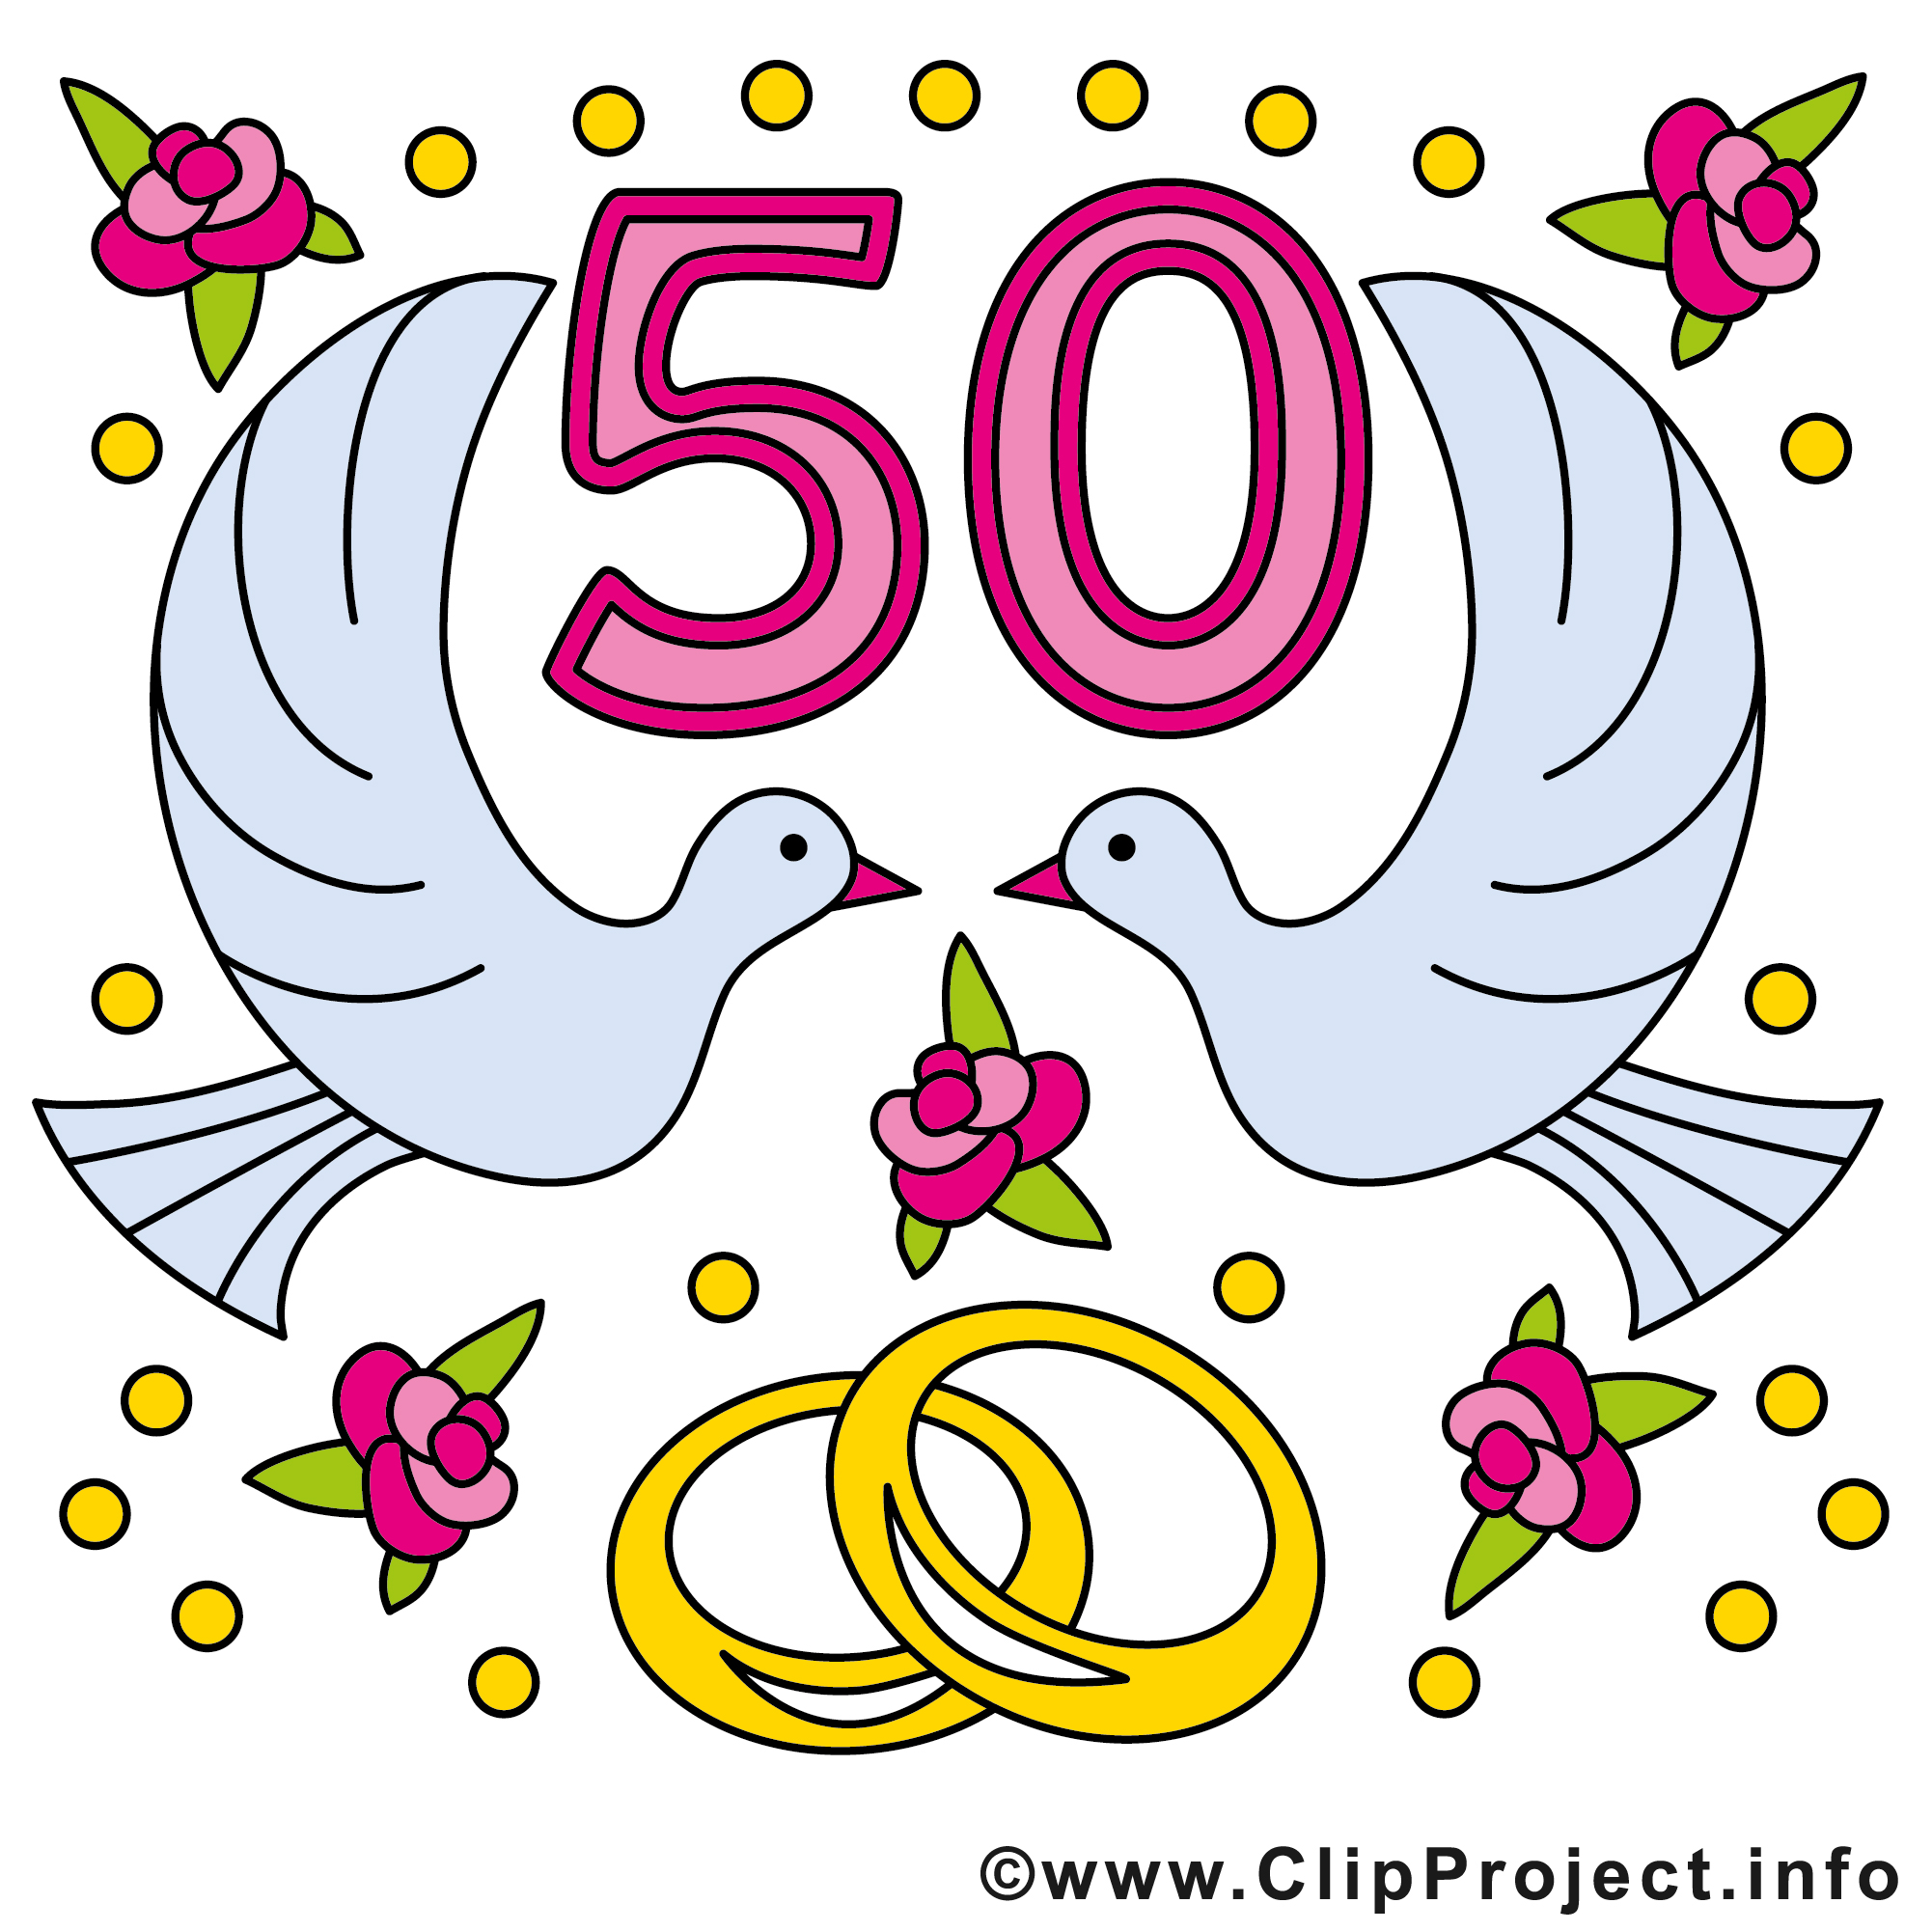 50 ans colombes anniversaire mariage images - Dessin de colombe a imprimer ...